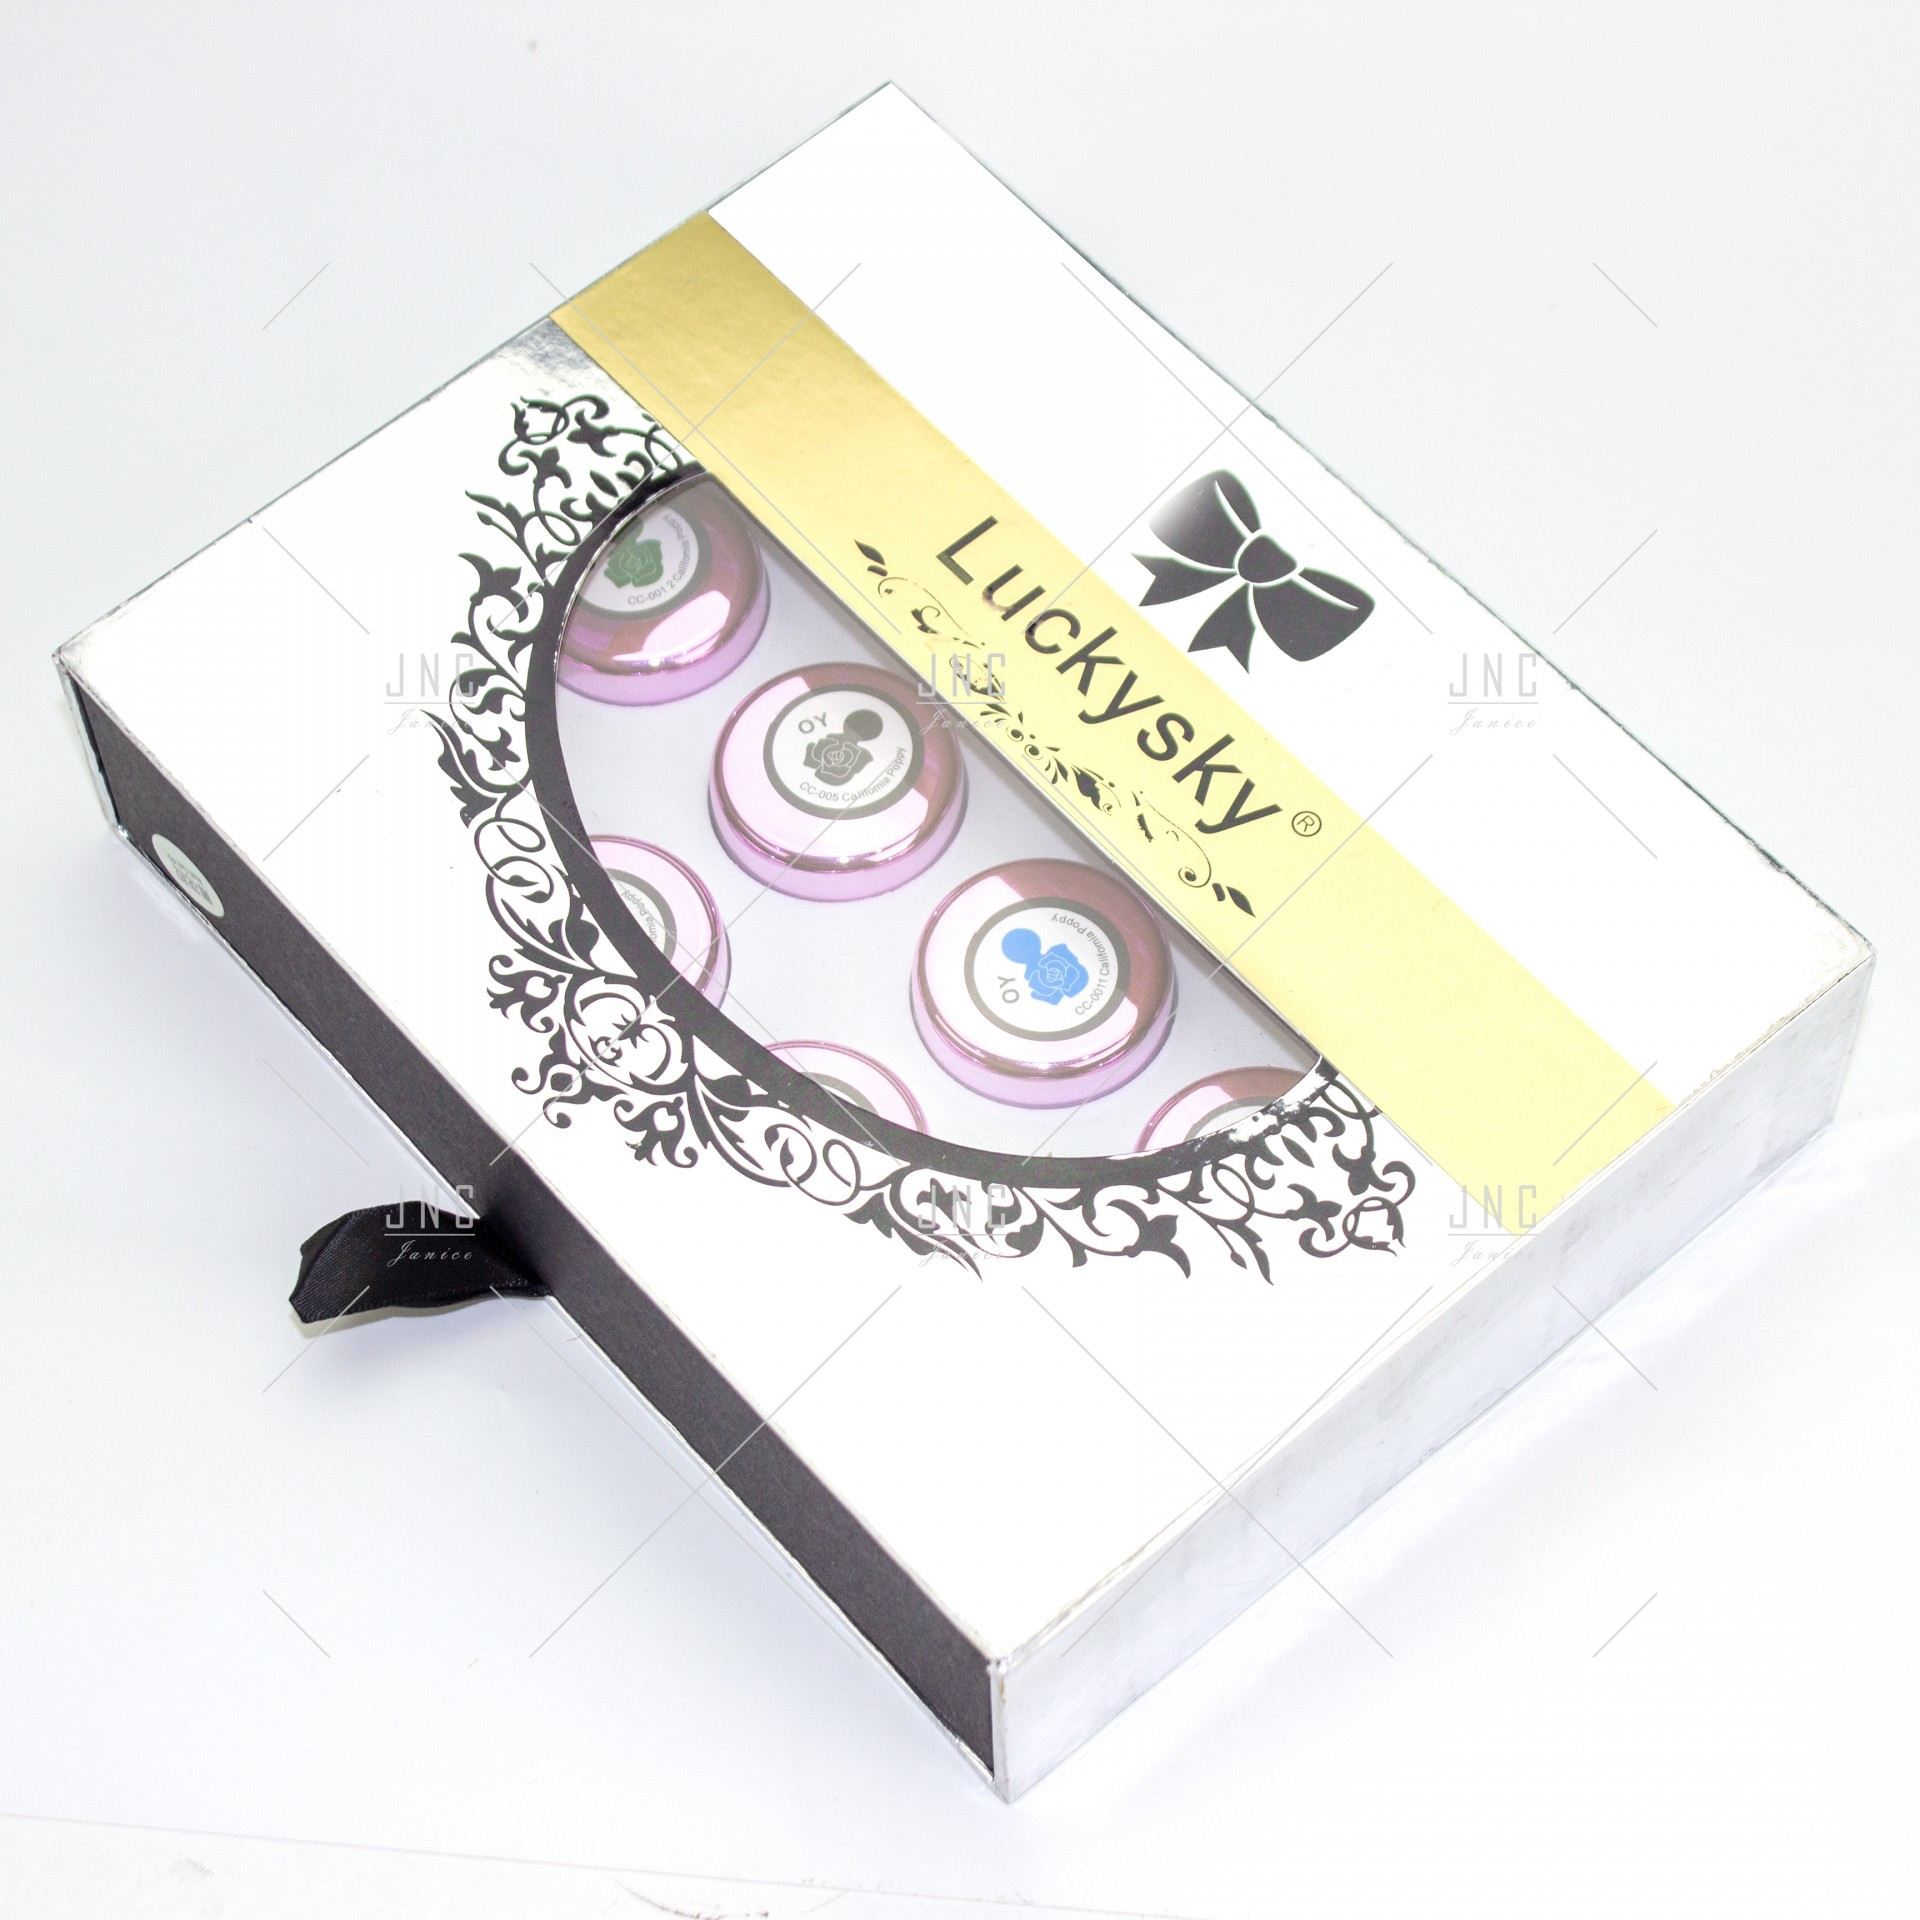 Gel Plasticina 5D - Caixa com 12 cores   Ref.861930